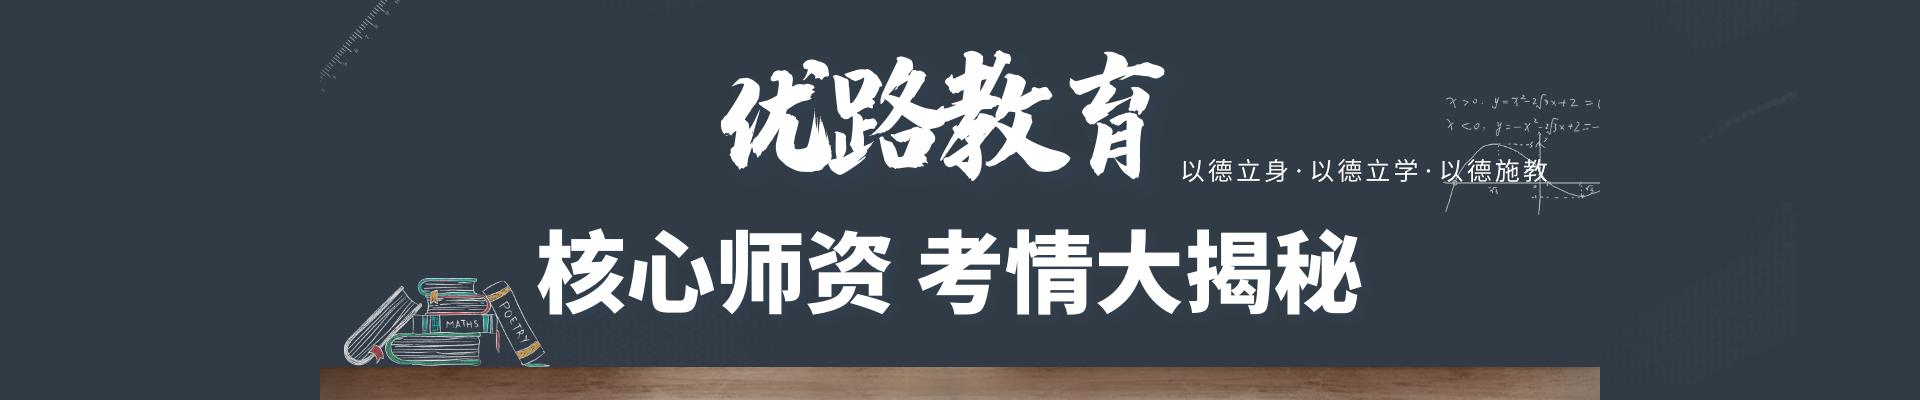 江西抚州优路教育培训学校